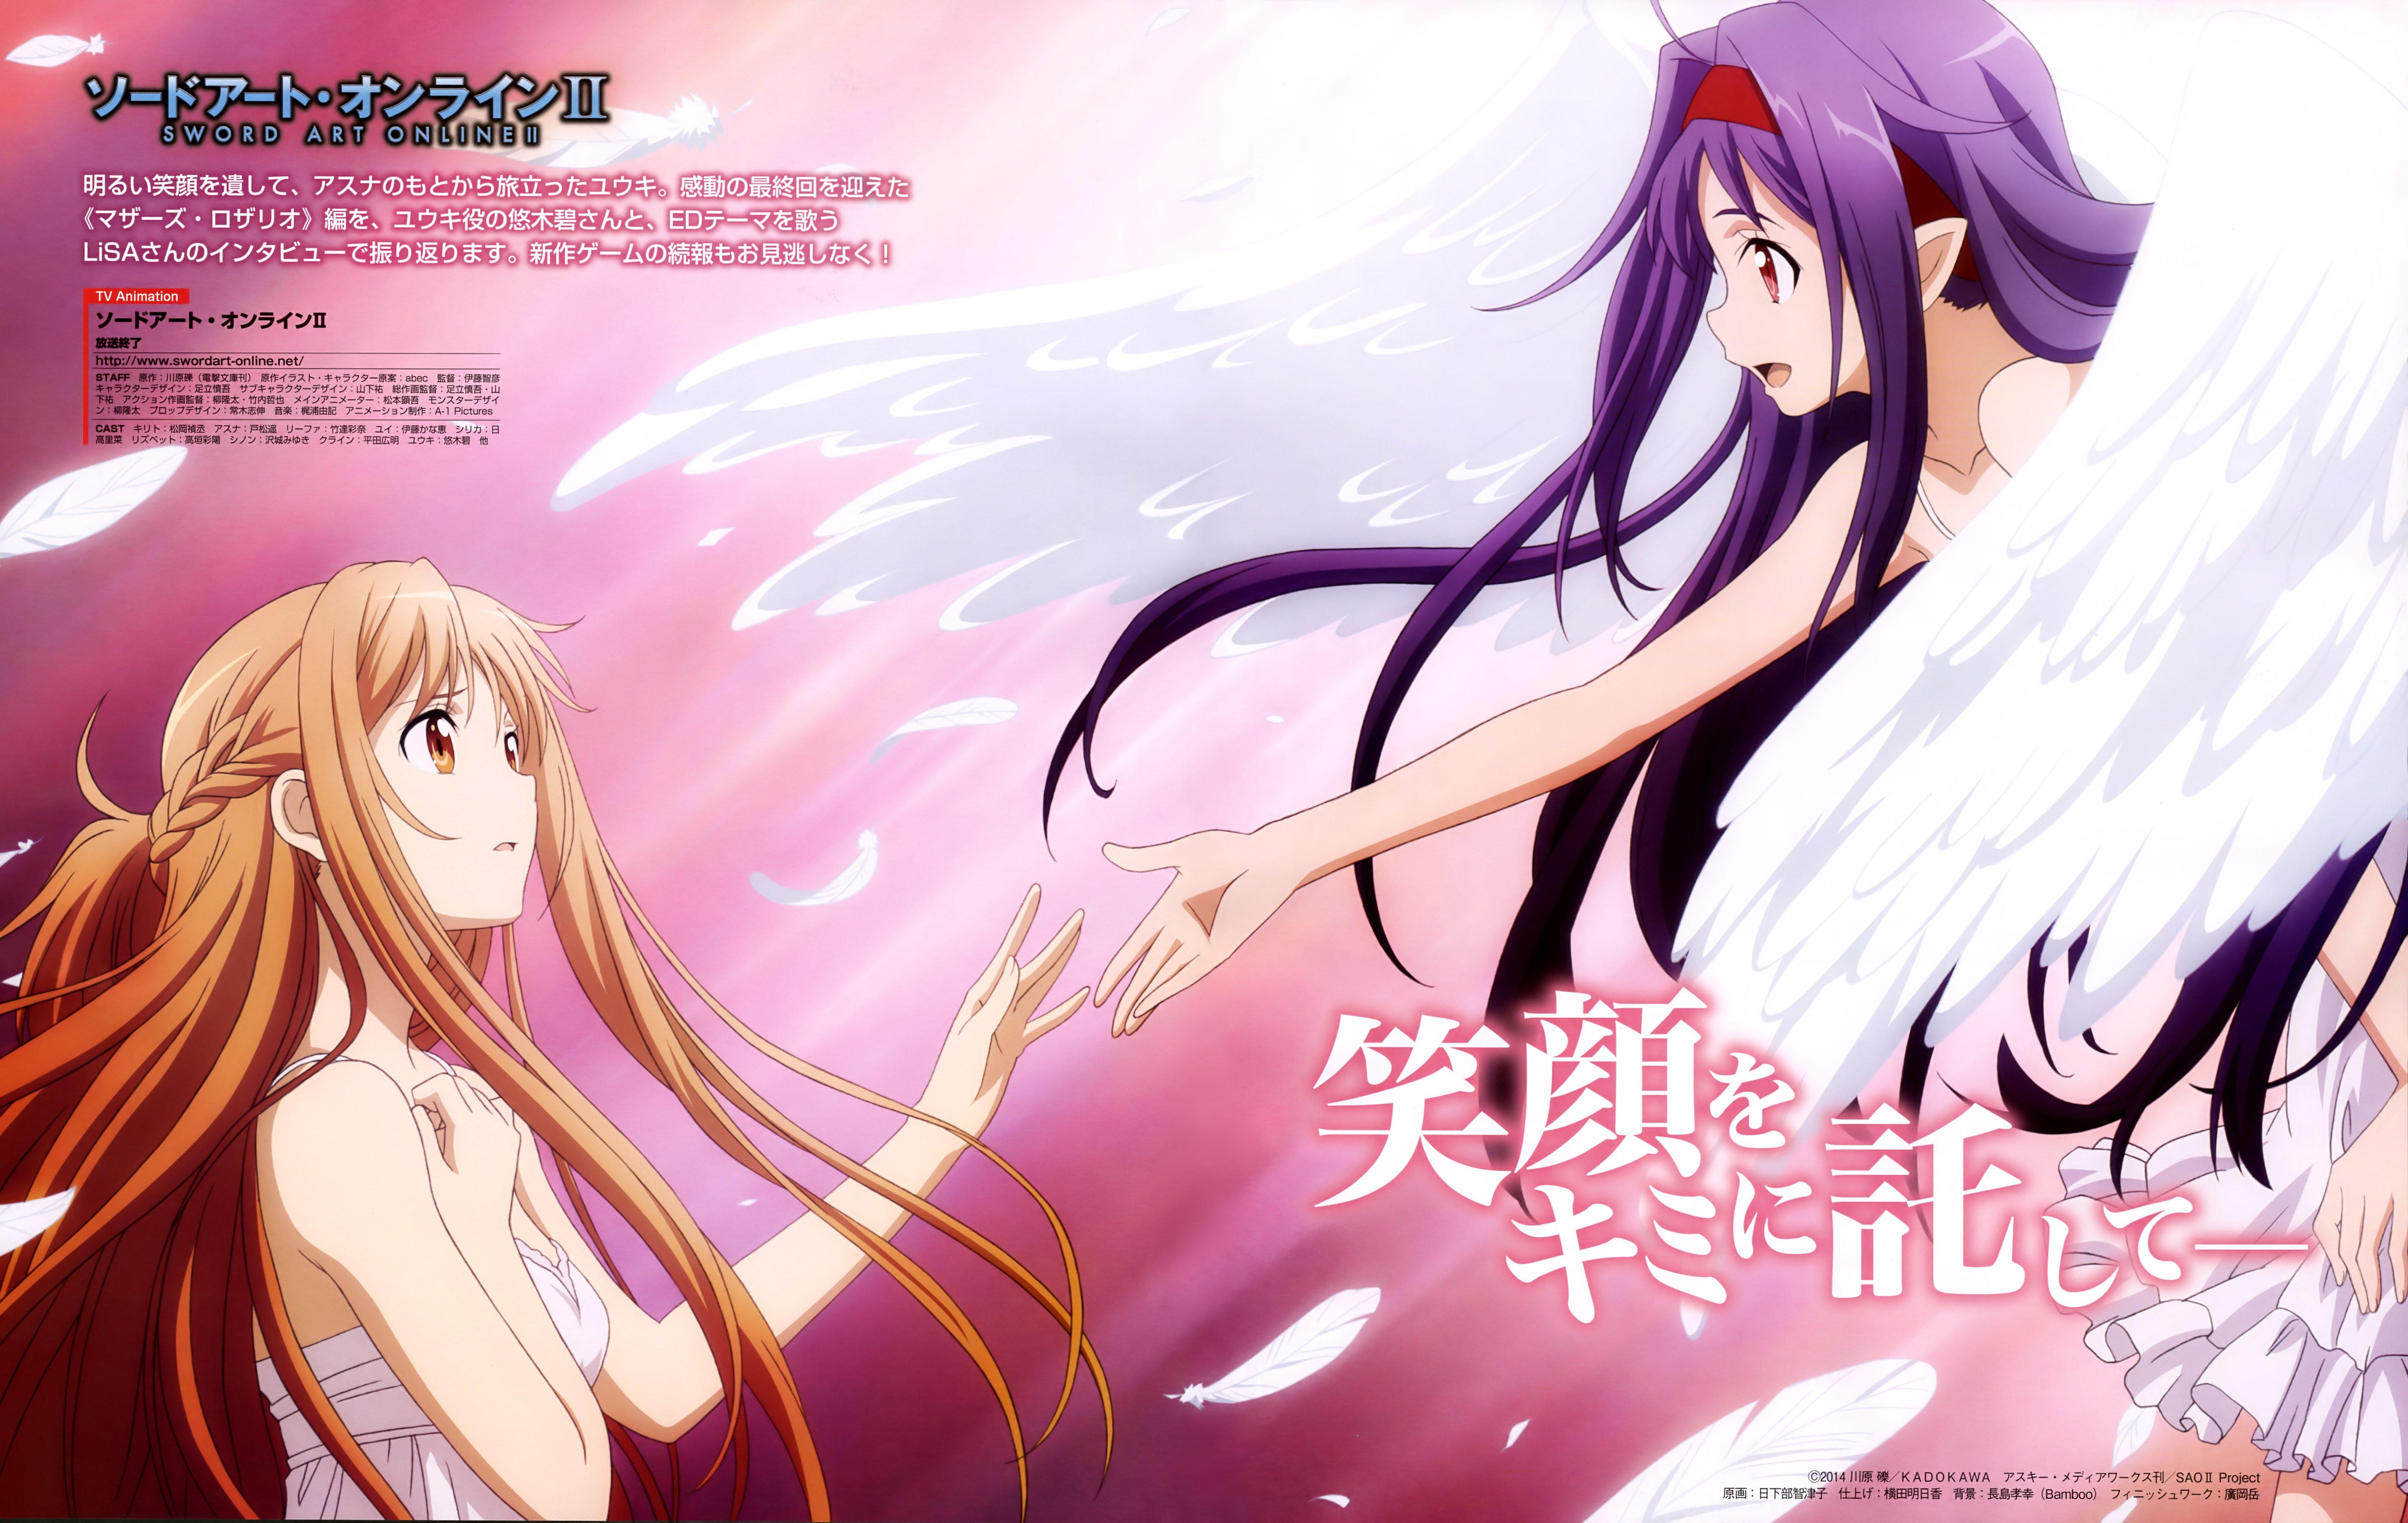 Sword Art Online Konno Yuuki Yuuki Asuna Wallpaper